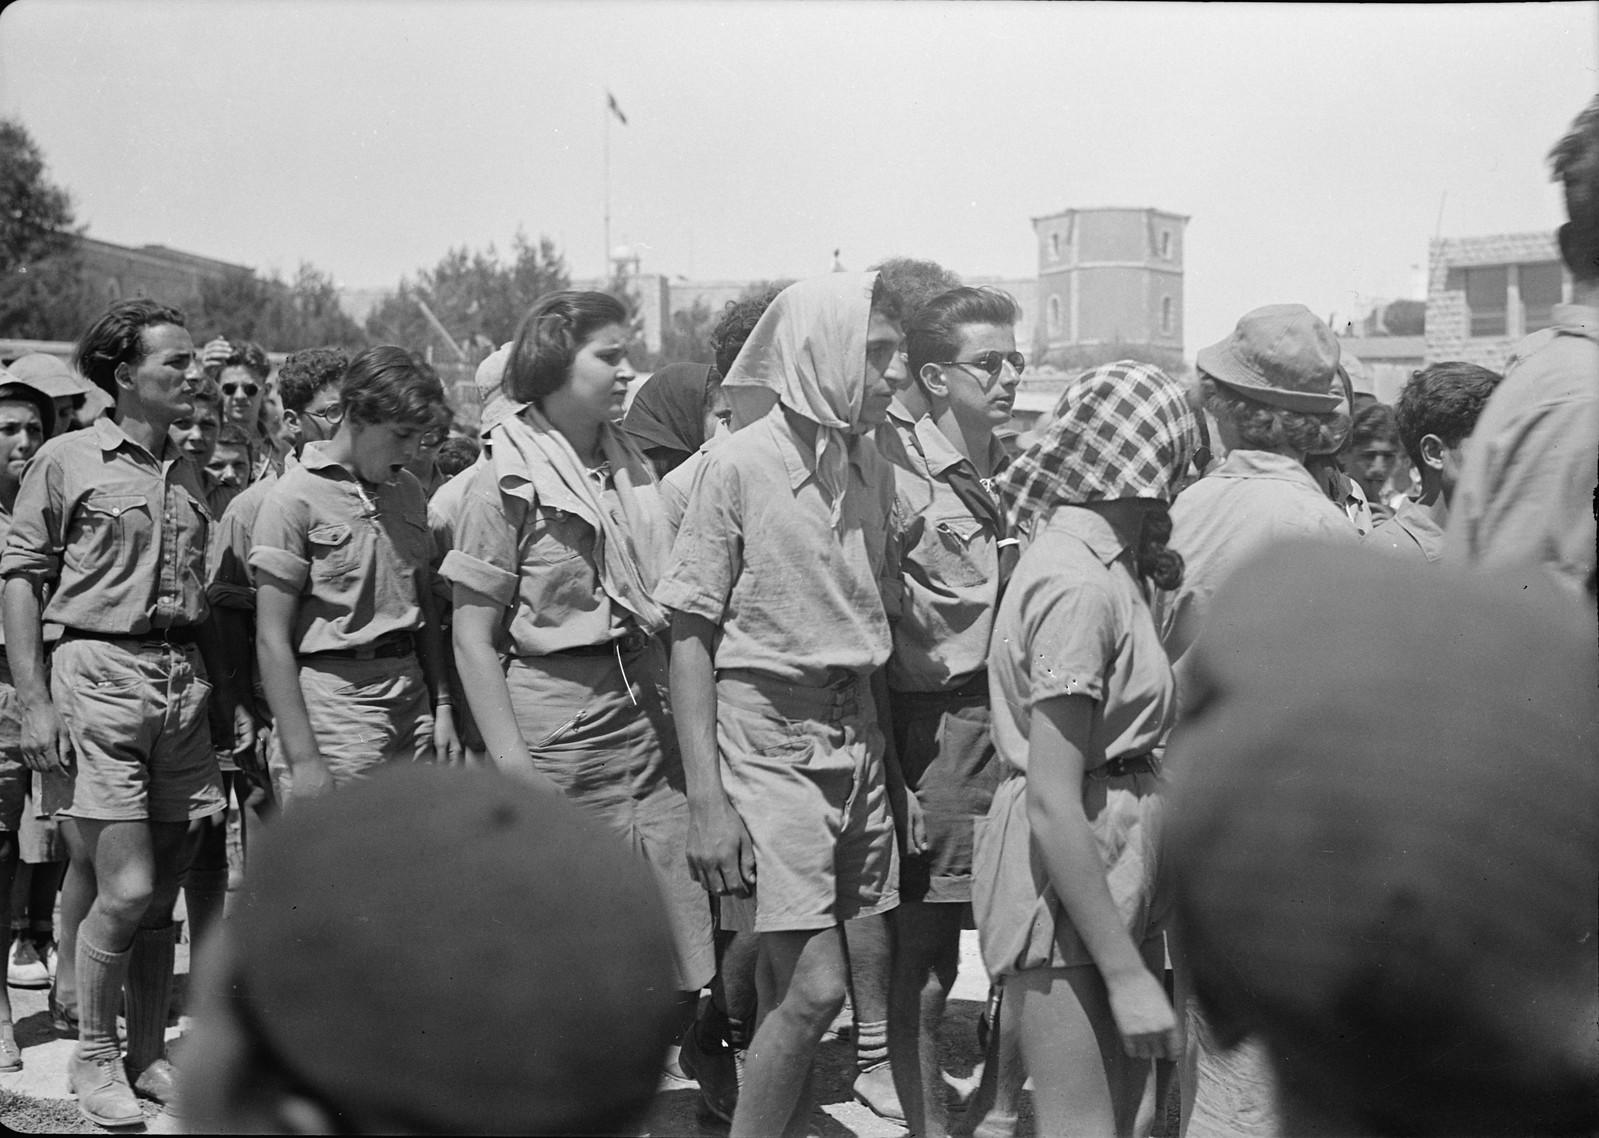 03. Юноши и девушки во время демонстрации на улице Кинг Джордж (2)